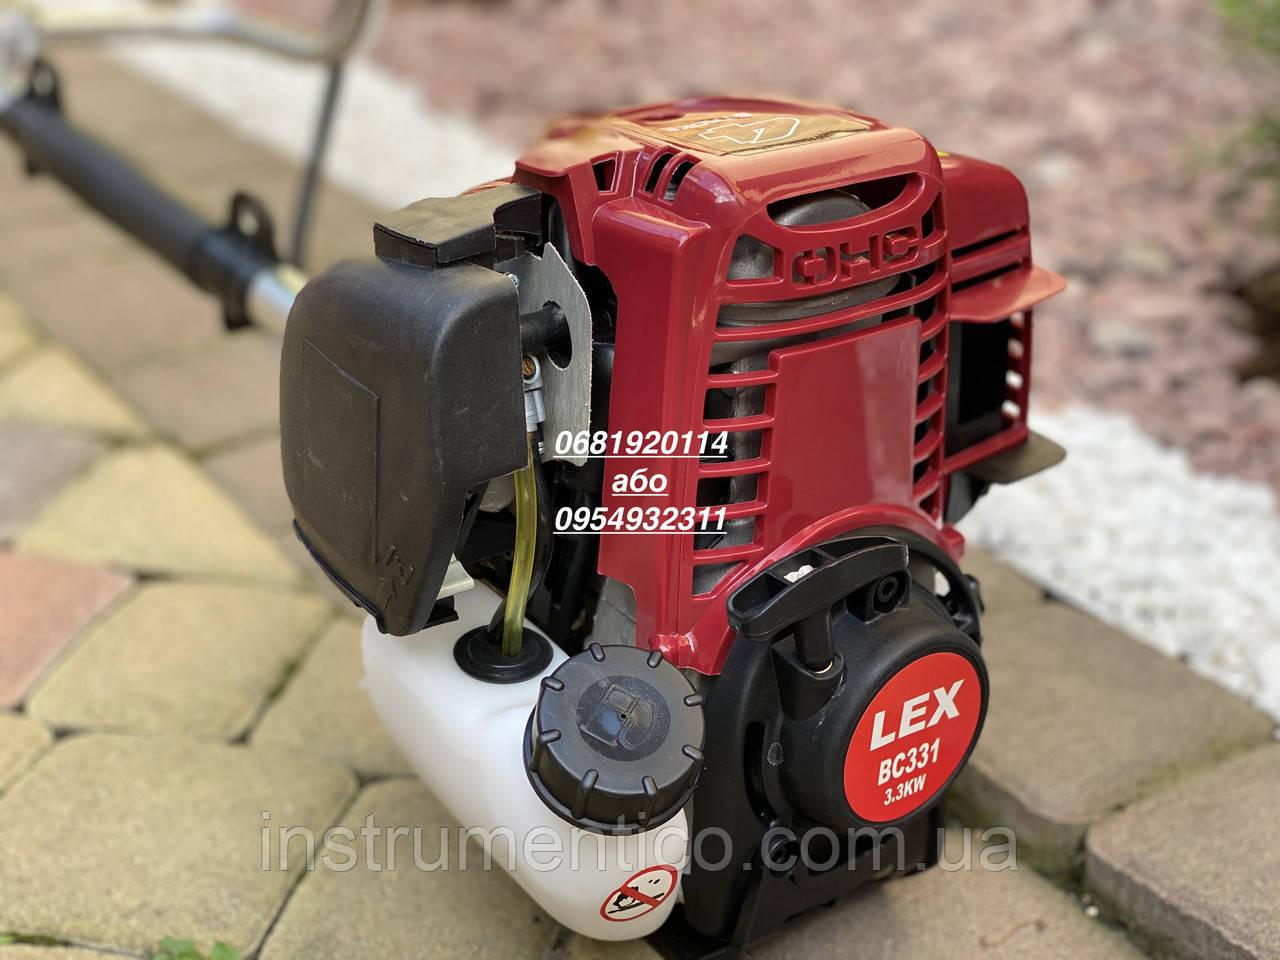 Бензокоса Lex BC 331 4-х тактная мотокоса